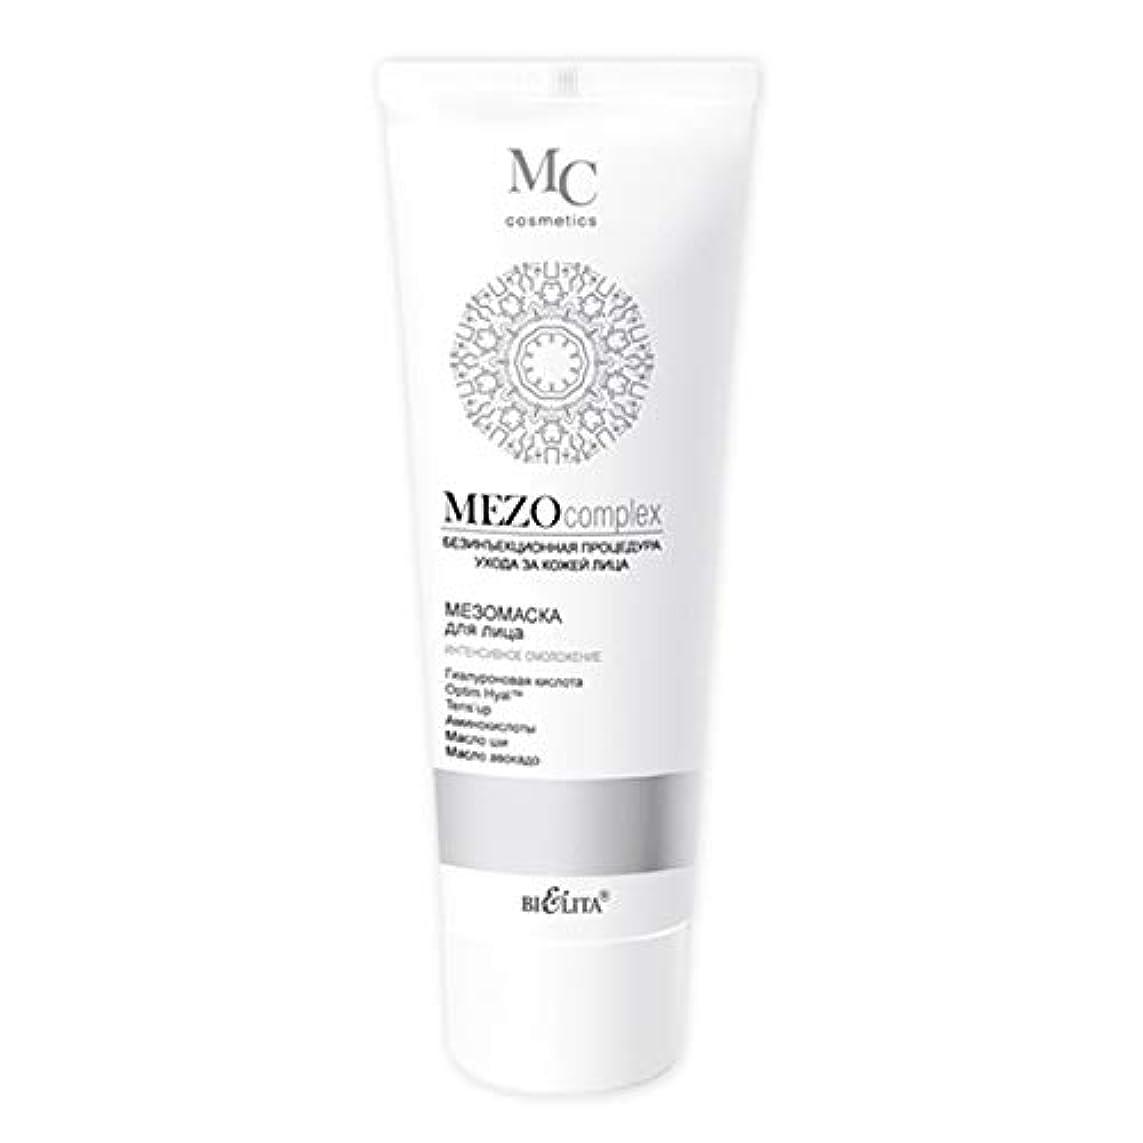 眠いですセールスパイMezo complex | Mezo MASK for the face | Non-injection facial skin care procedure | Hyaluronic acid | Optim Hyal...